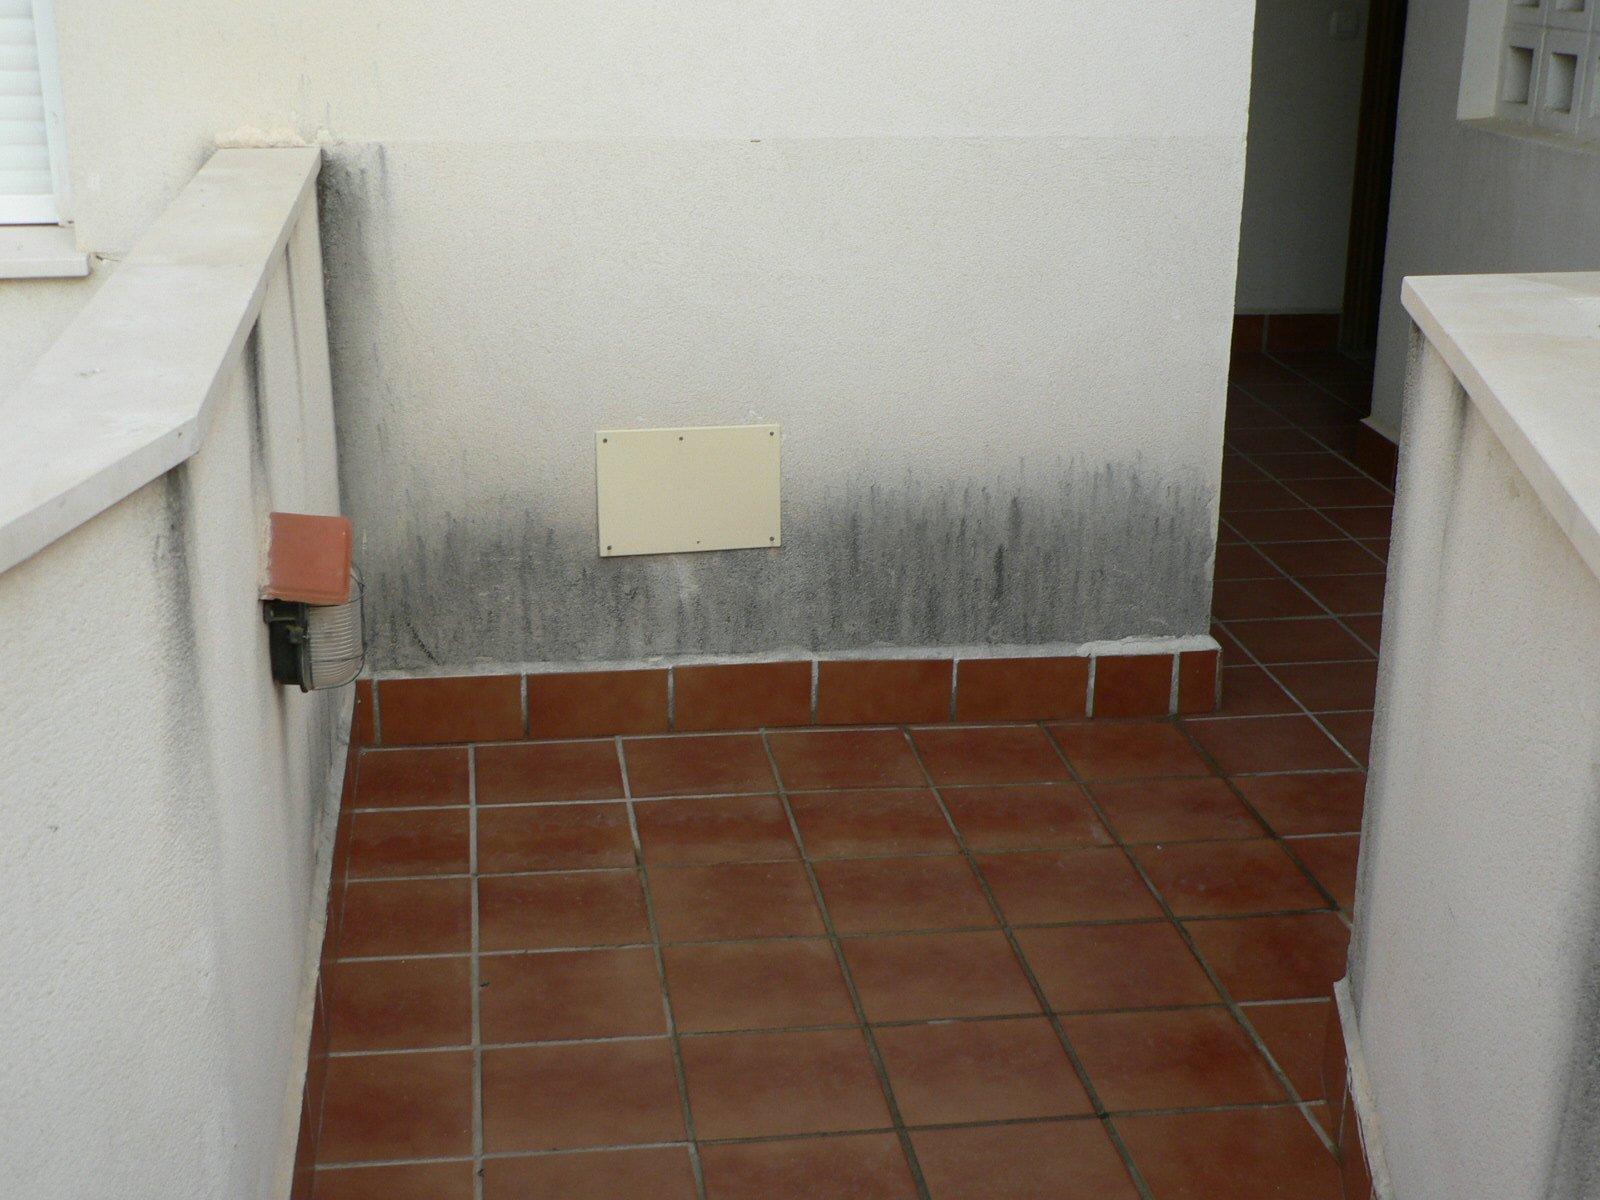 Humedad capilar pinturas arenas - Pinturas arenas granada ...